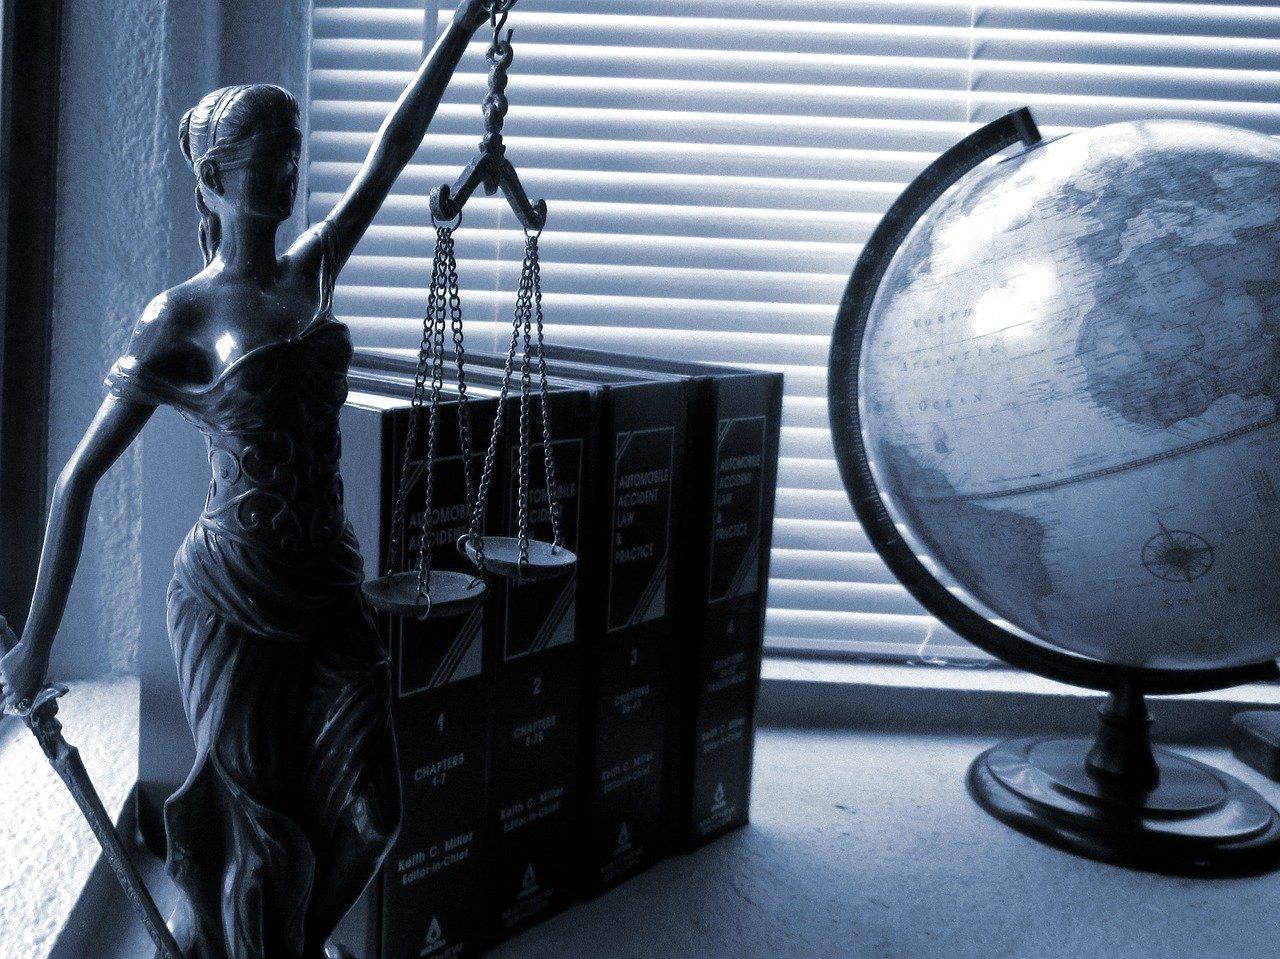 Жительница Симферополя сообщила о минировании жилого дома и получила уголовное дело